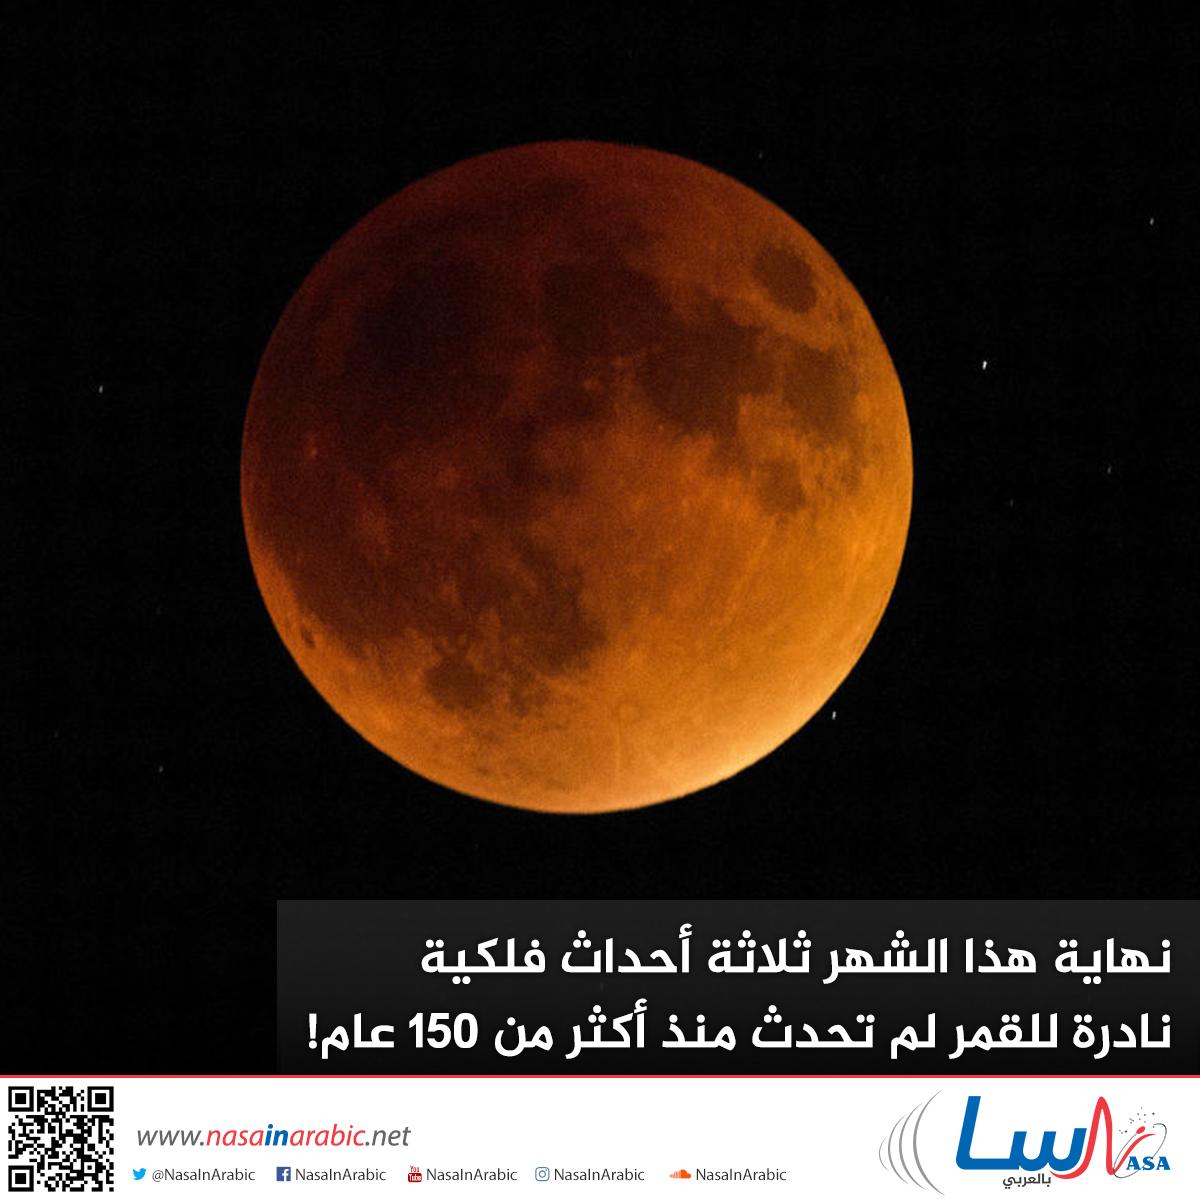 نهاية هذا الشهر ثلاثة أحداث فلكية نادرة للقمر لم تحدث منذ أكثر من 150 عام!